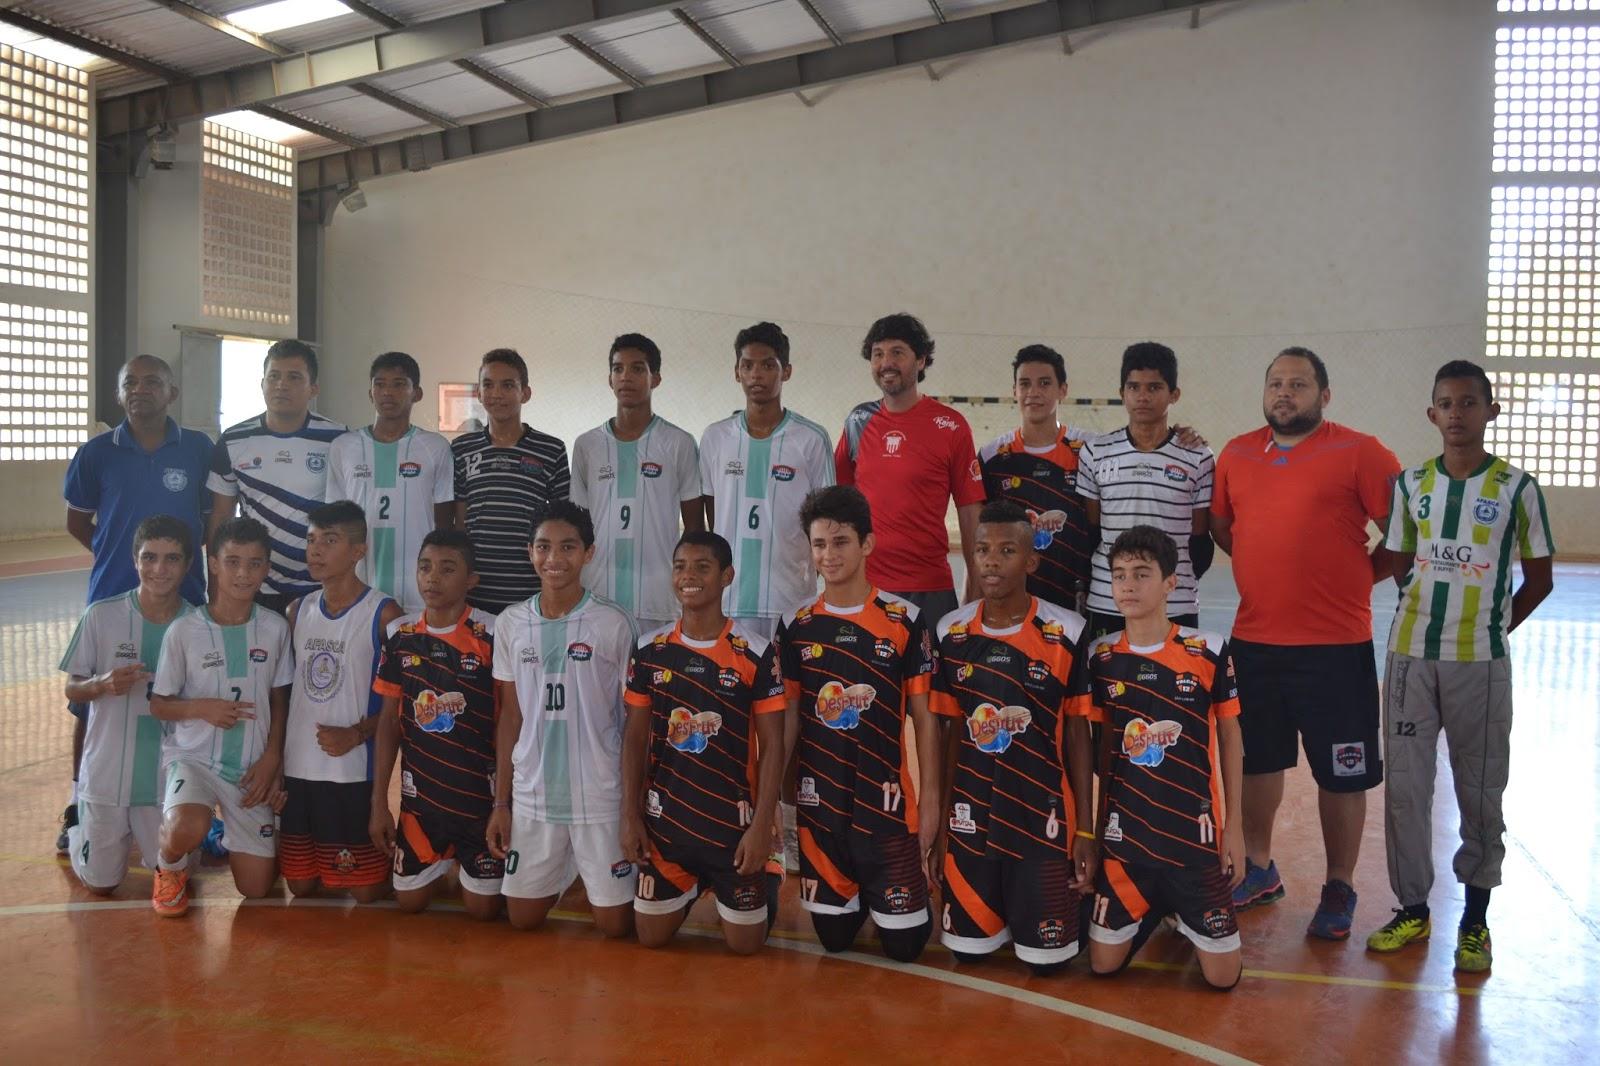 29bbe9dc1f Professor Rubinho e o técnico Alacides de Santa Luzia do Paruá